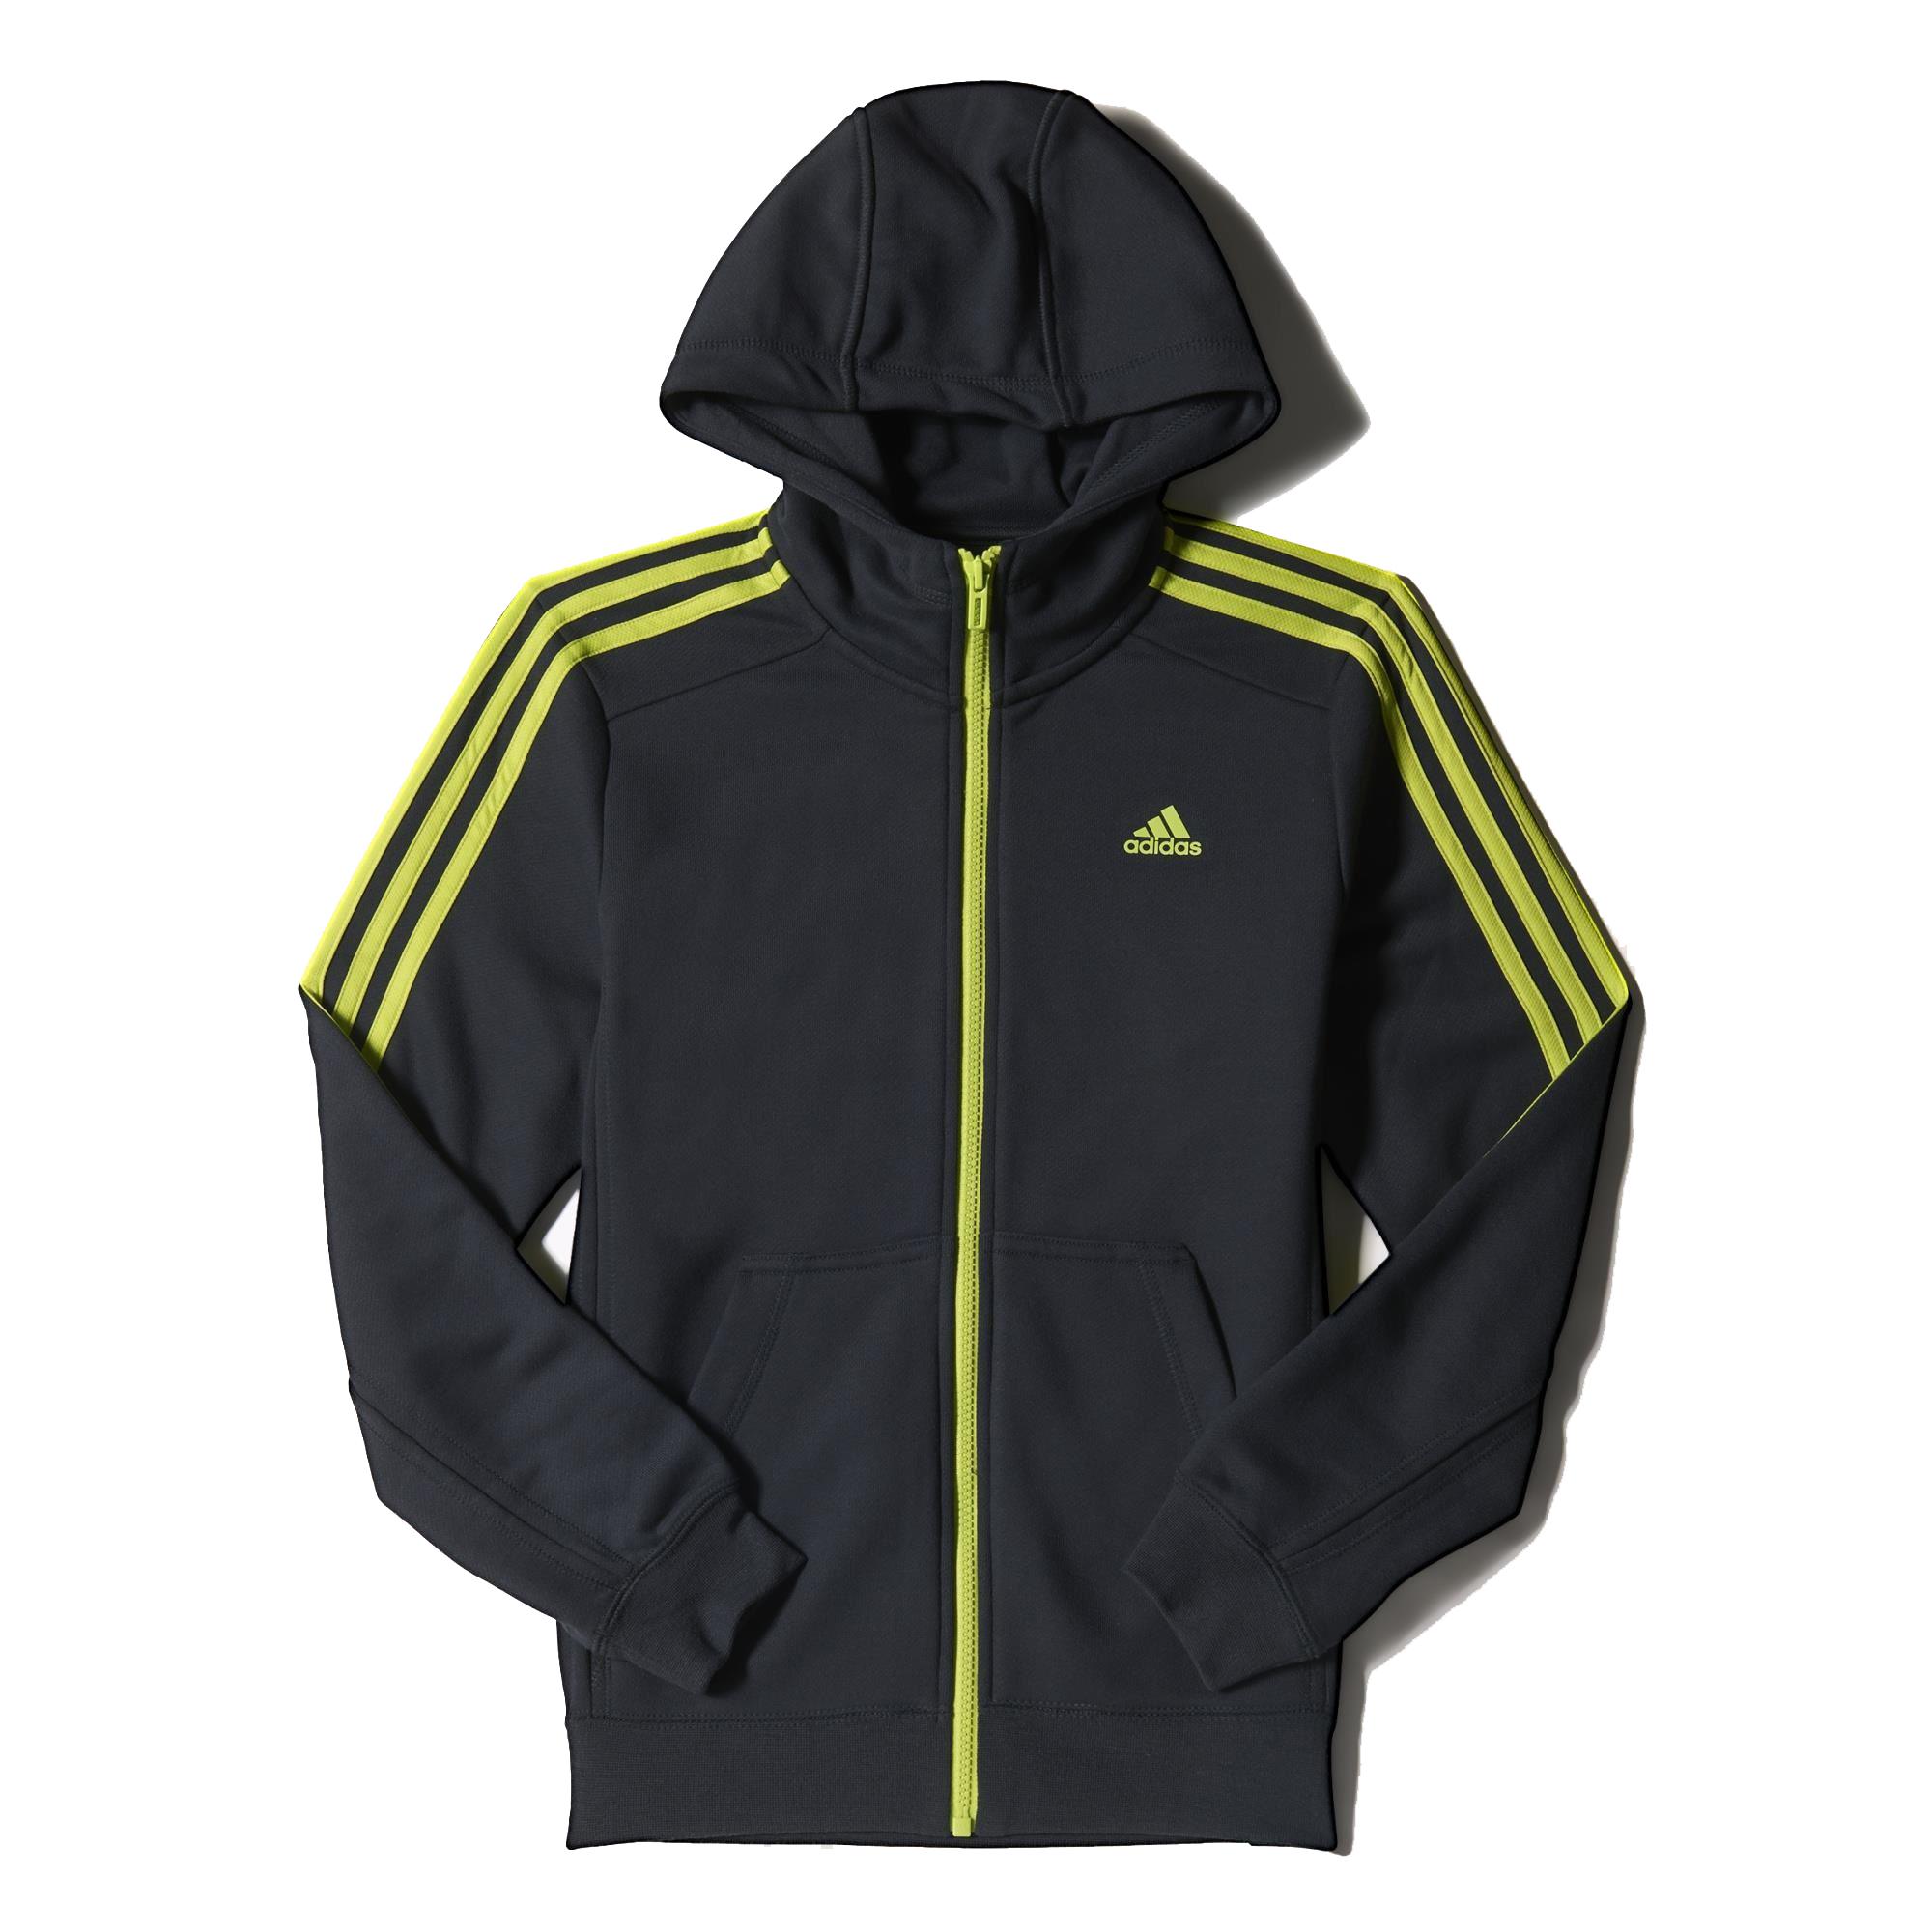 jongens sport sweater Adidas S23265 antraciet